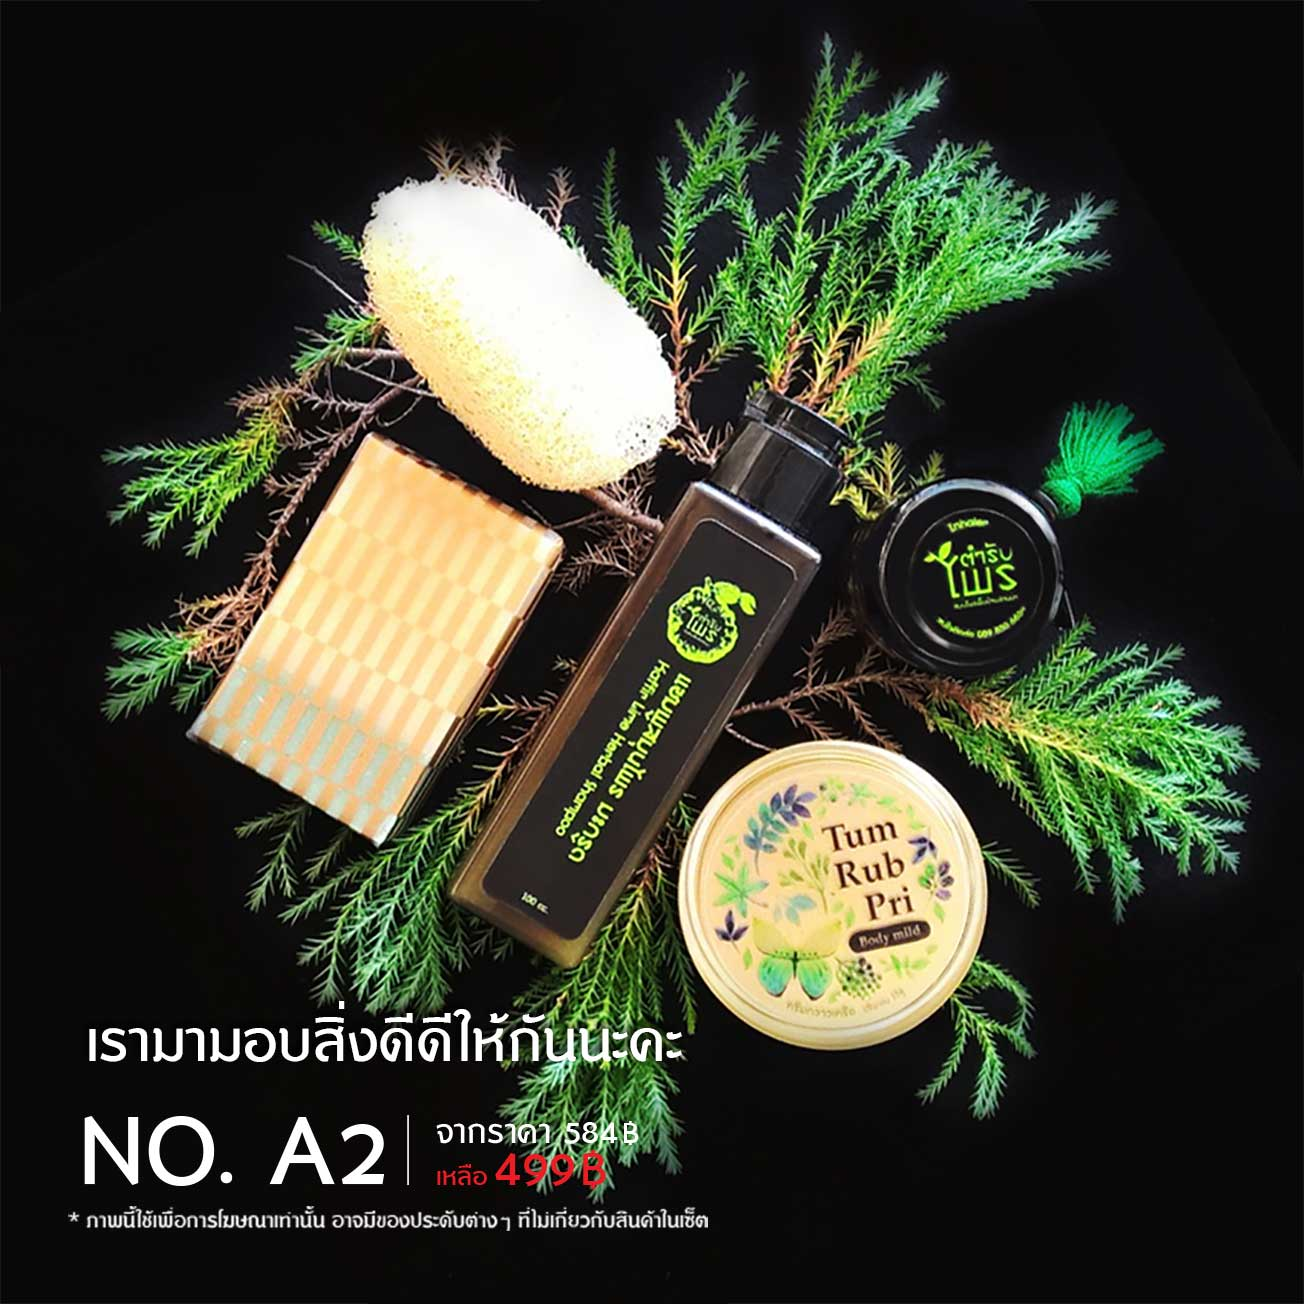 Set No. A2